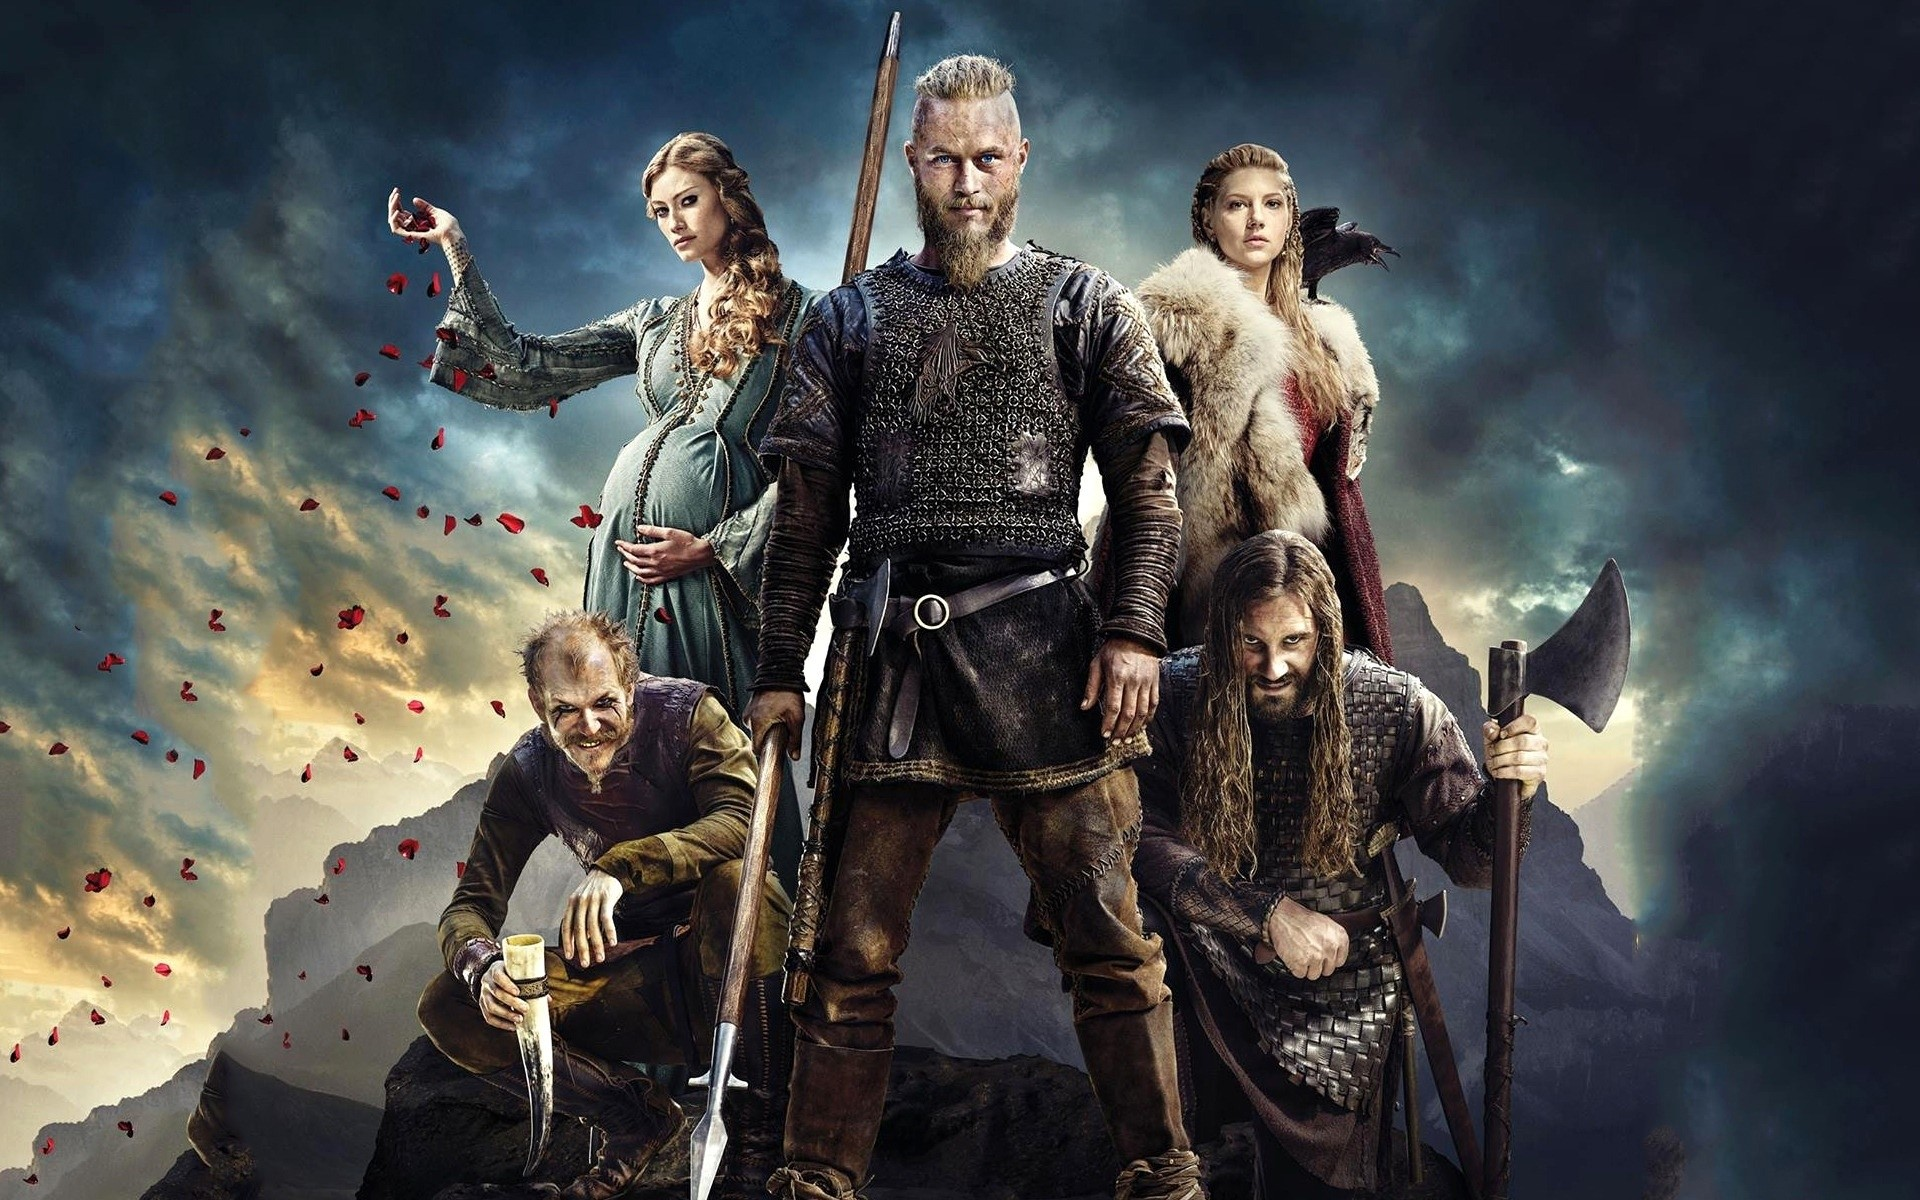 Fondos de pantalla Temporada 4 de Vikingos